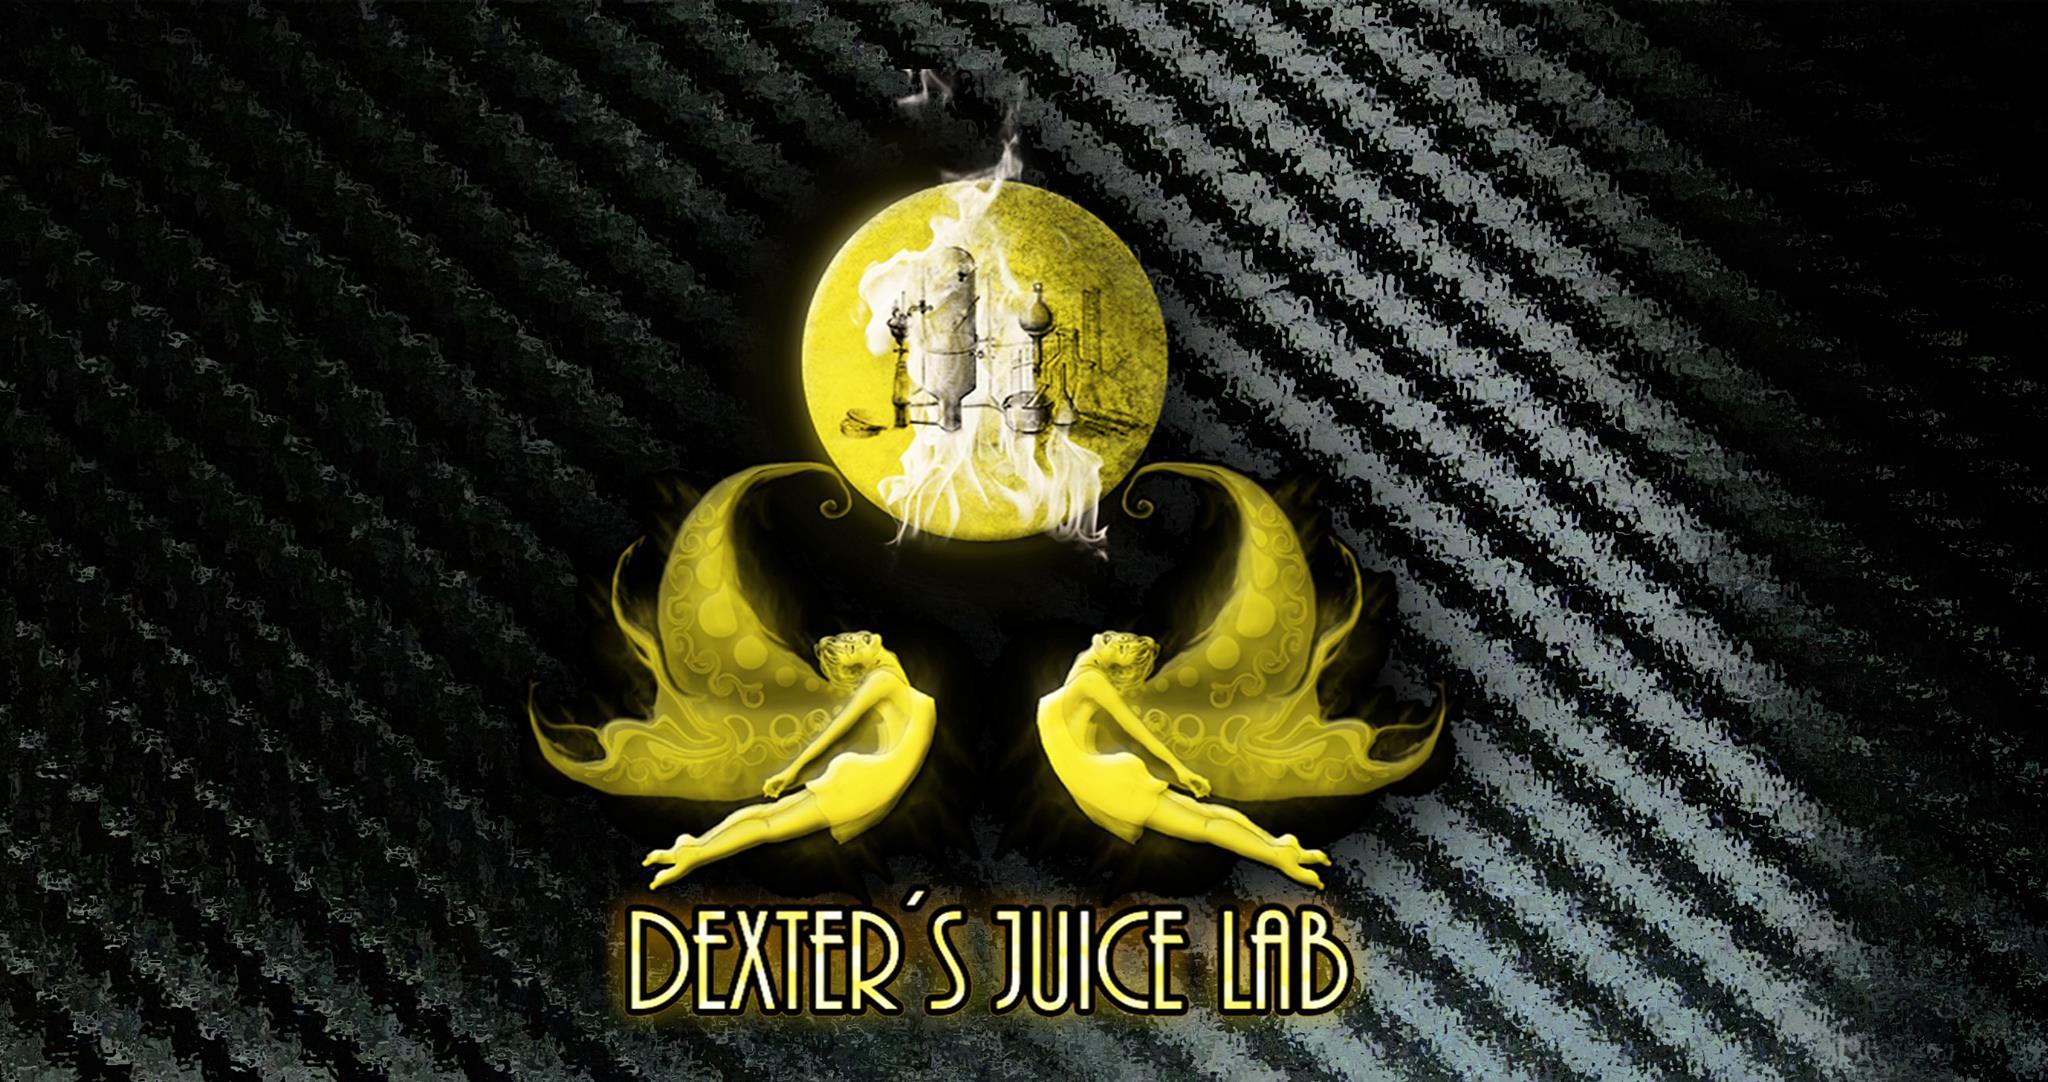 Dexter's Juice